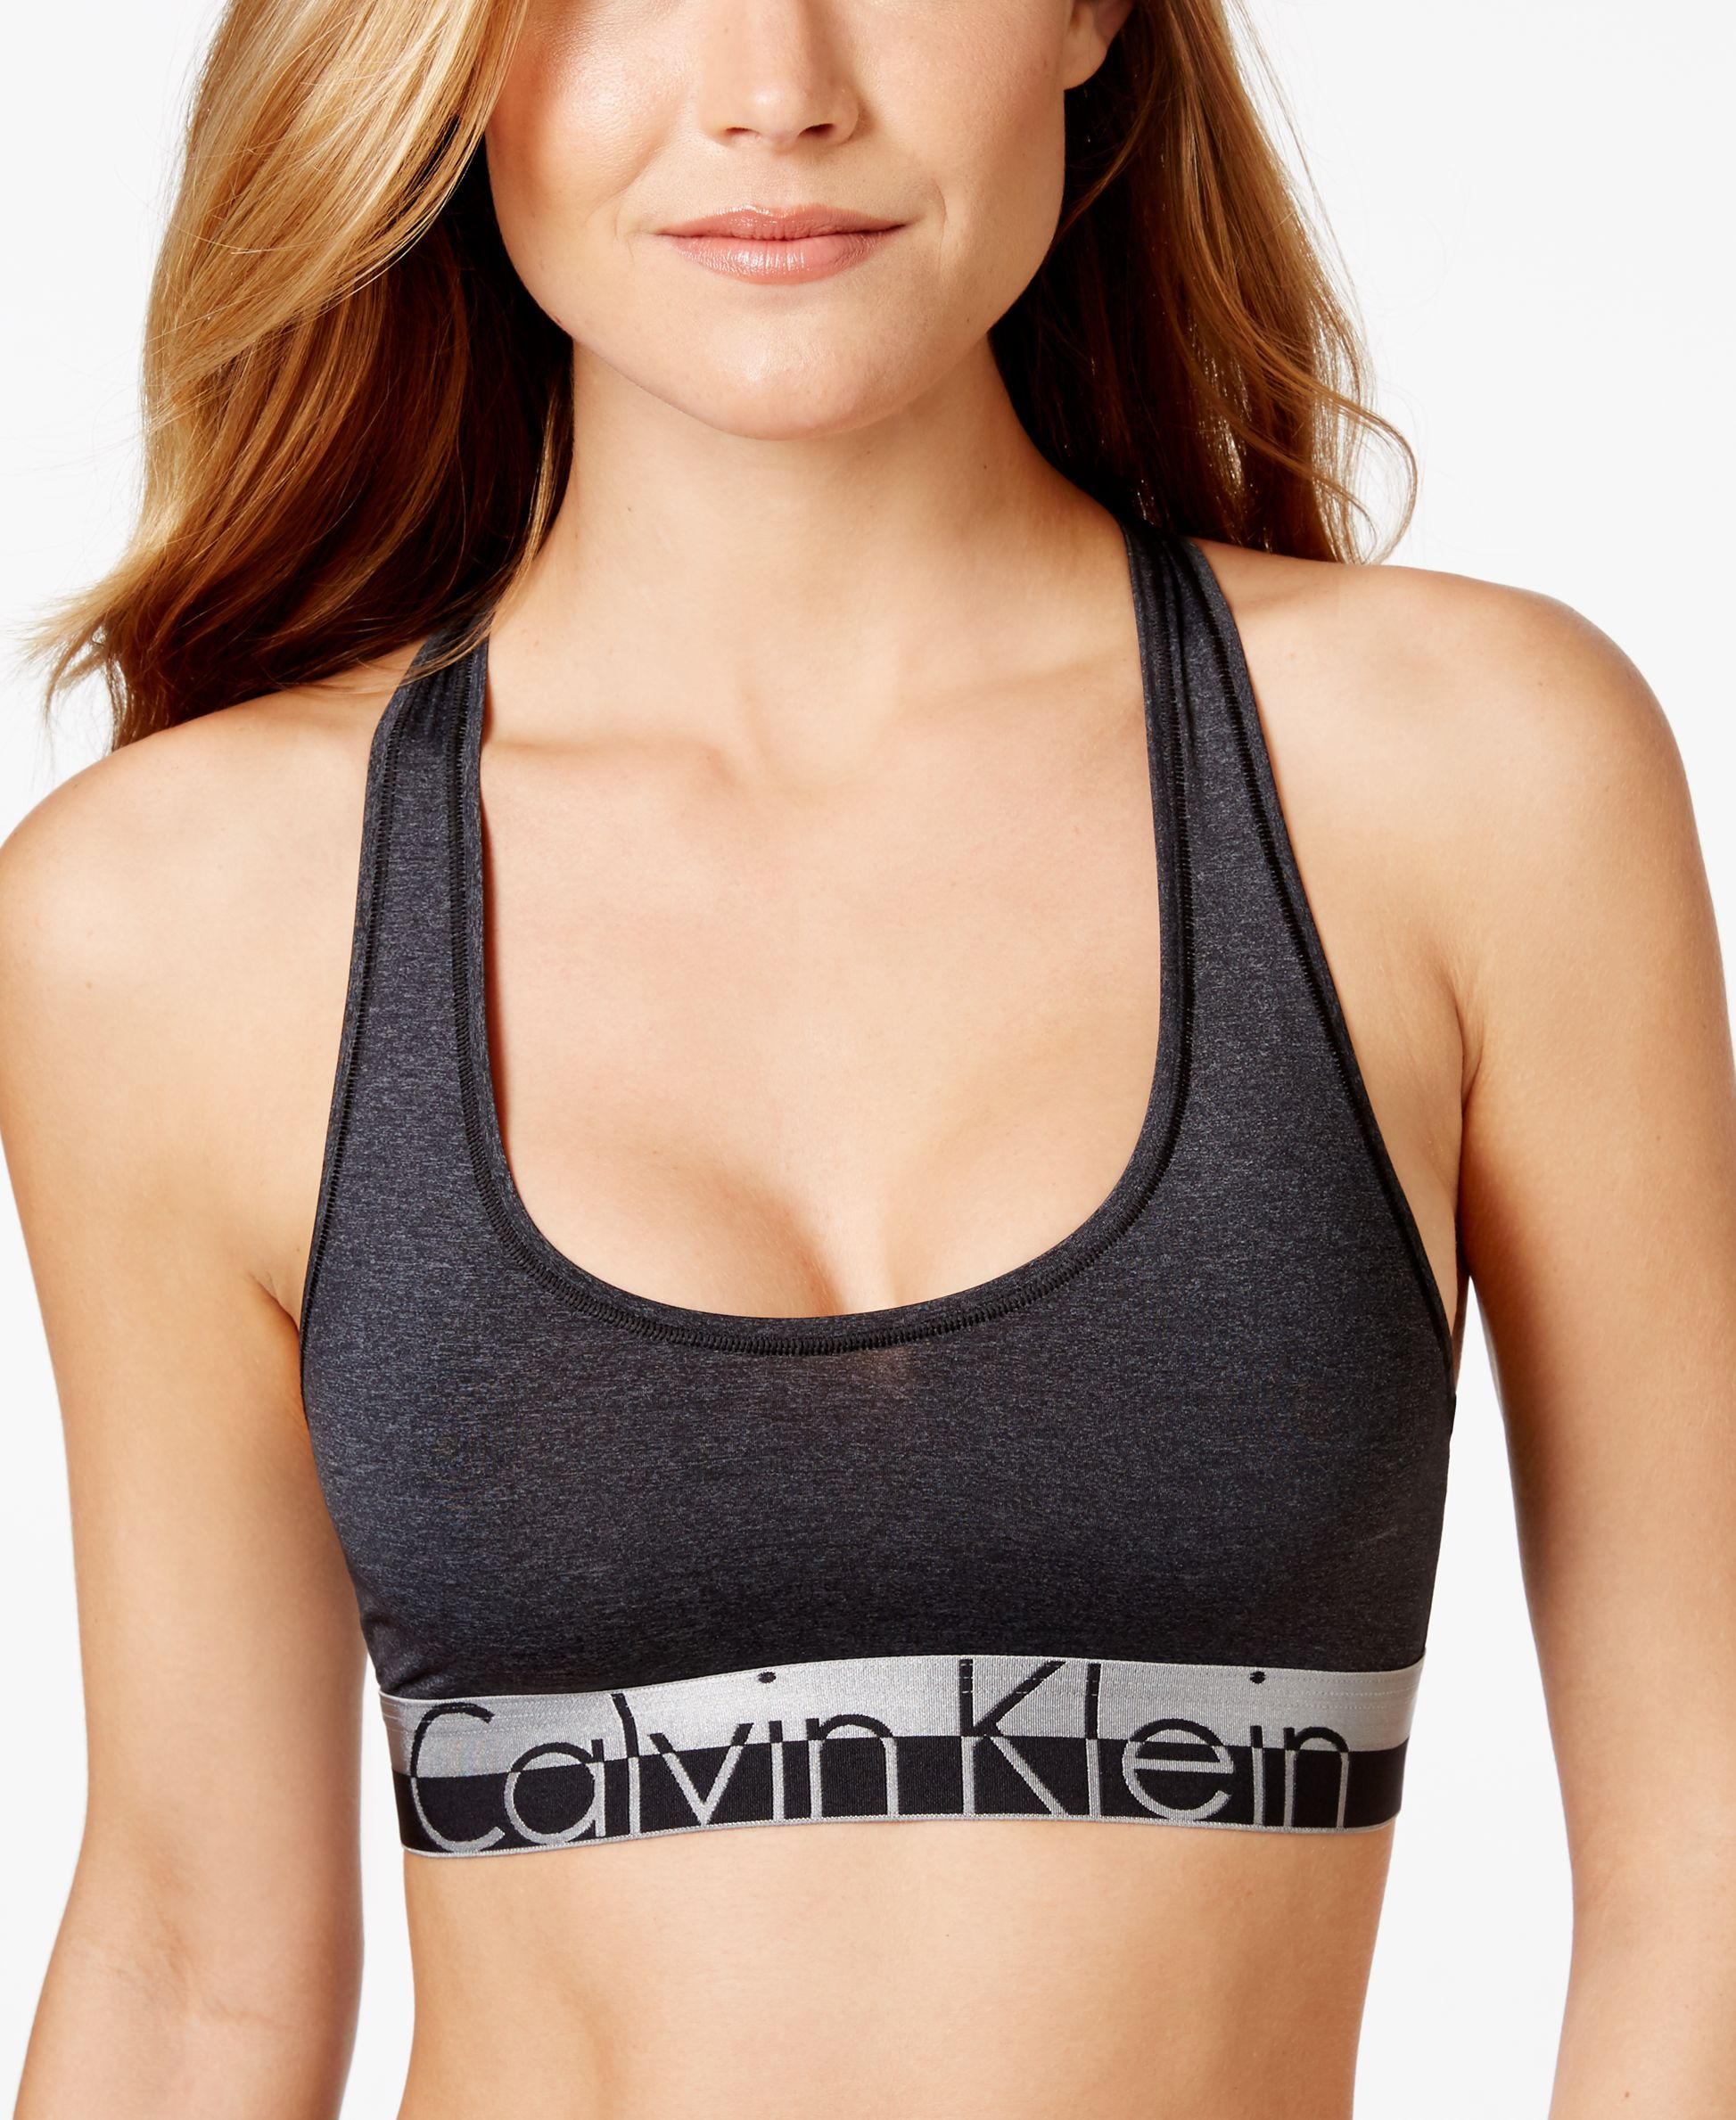 0917eb3b2a Calvin Klein Magnetic Logo Bralette QF1335 - Calvin Klein - Women - Macy s